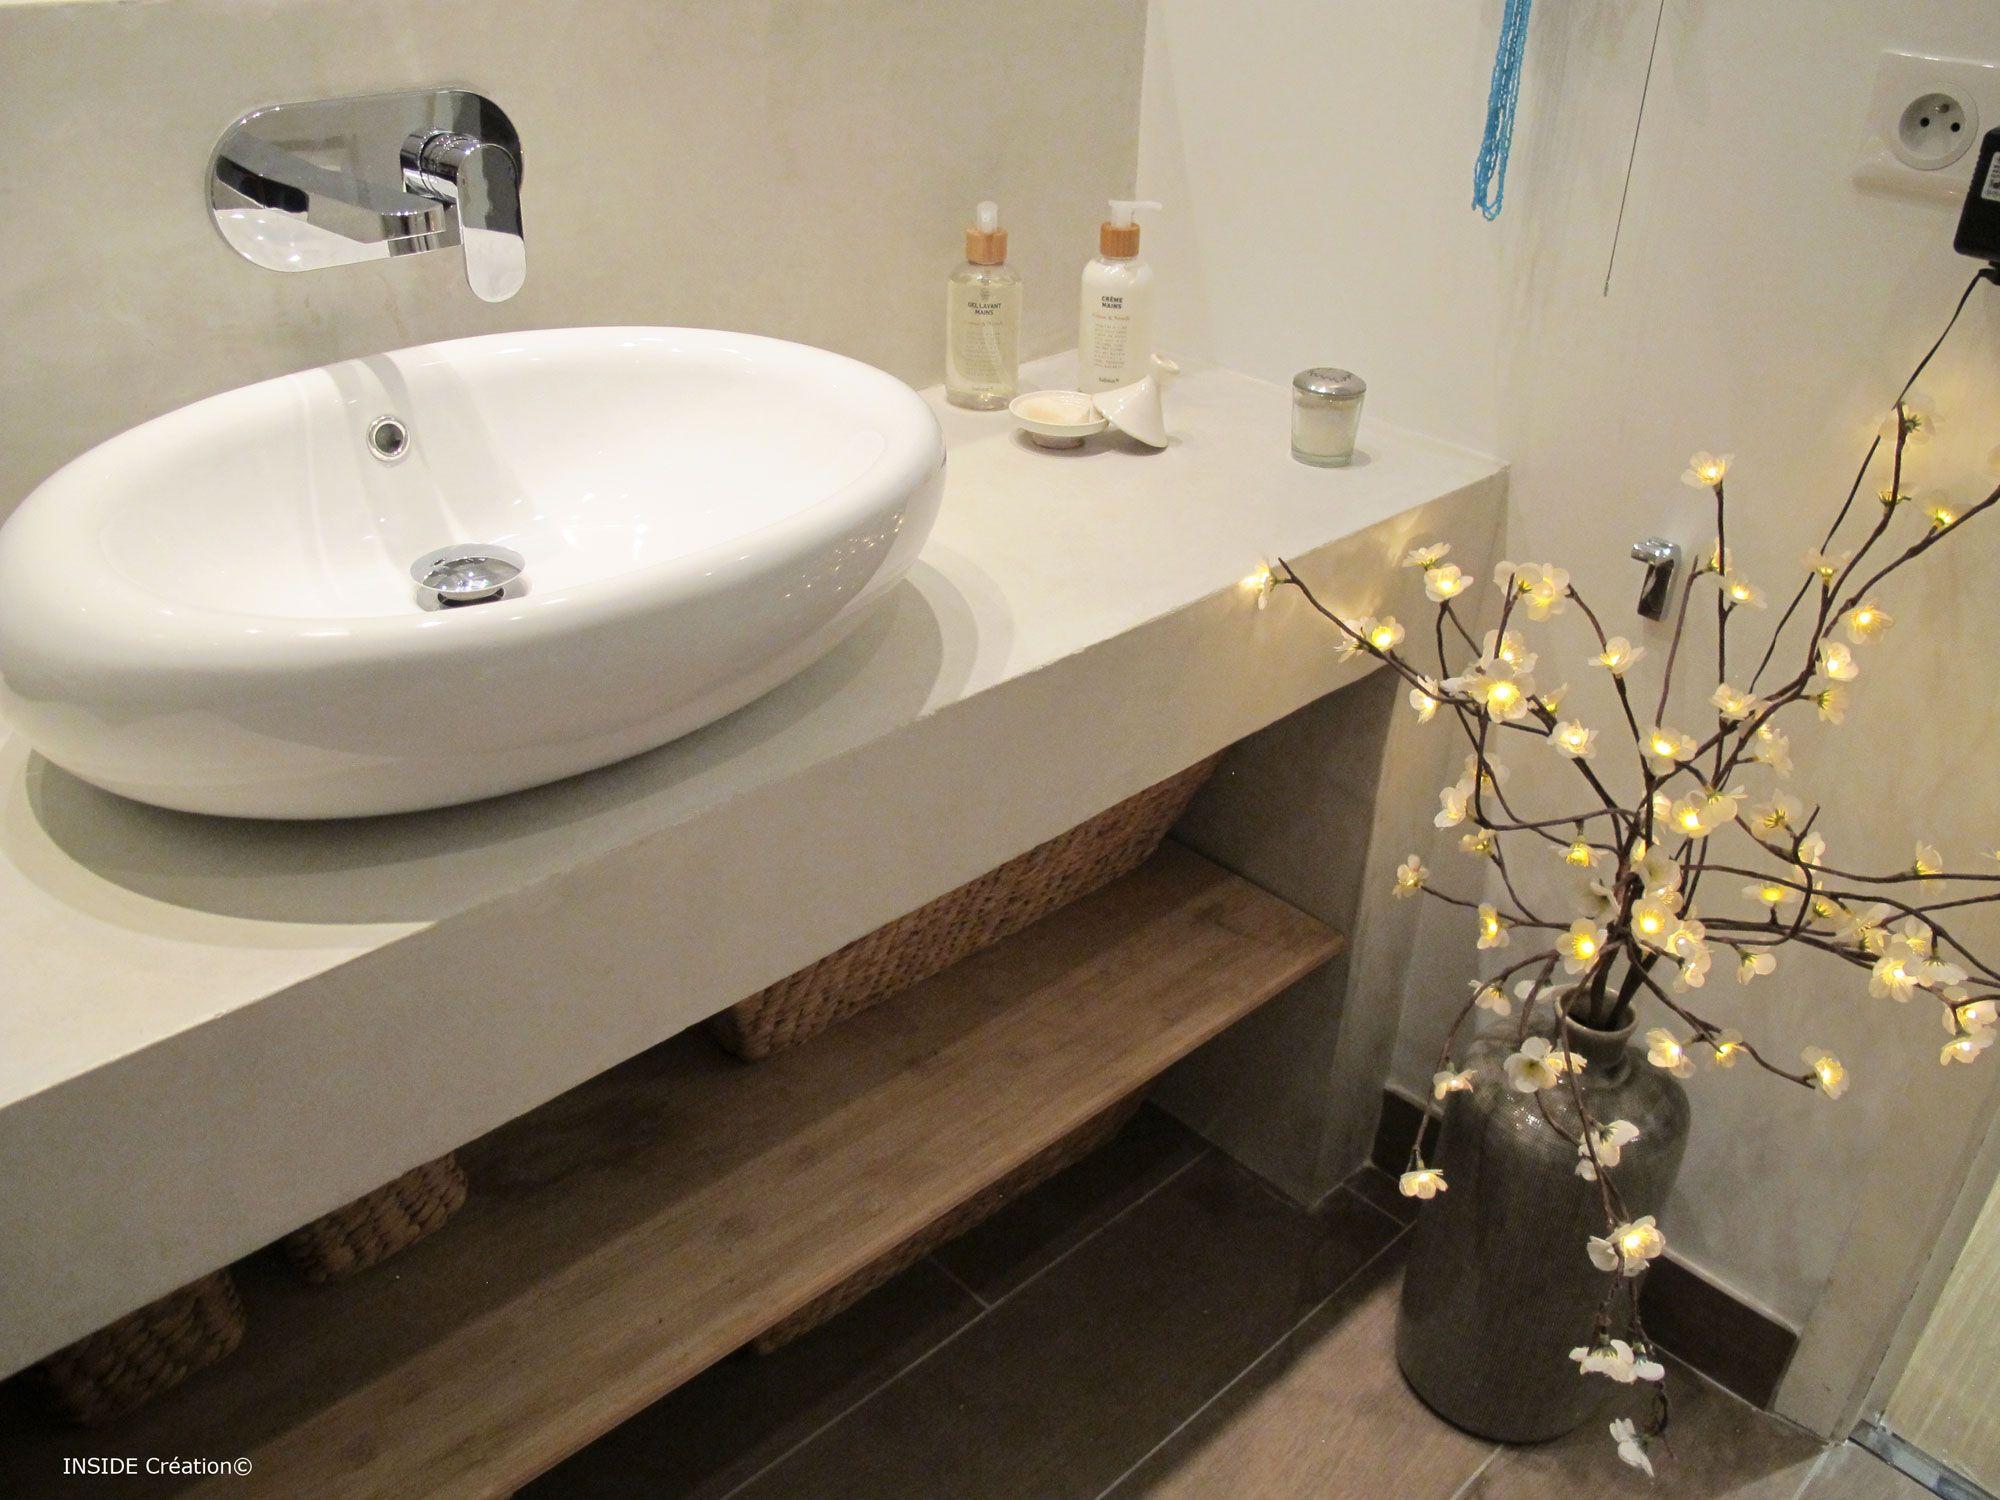 meuble salle de bain bati recherche google pauline pinterest salle de bains et salle. Black Bedroom Furniture Sets. Home Design Ideas